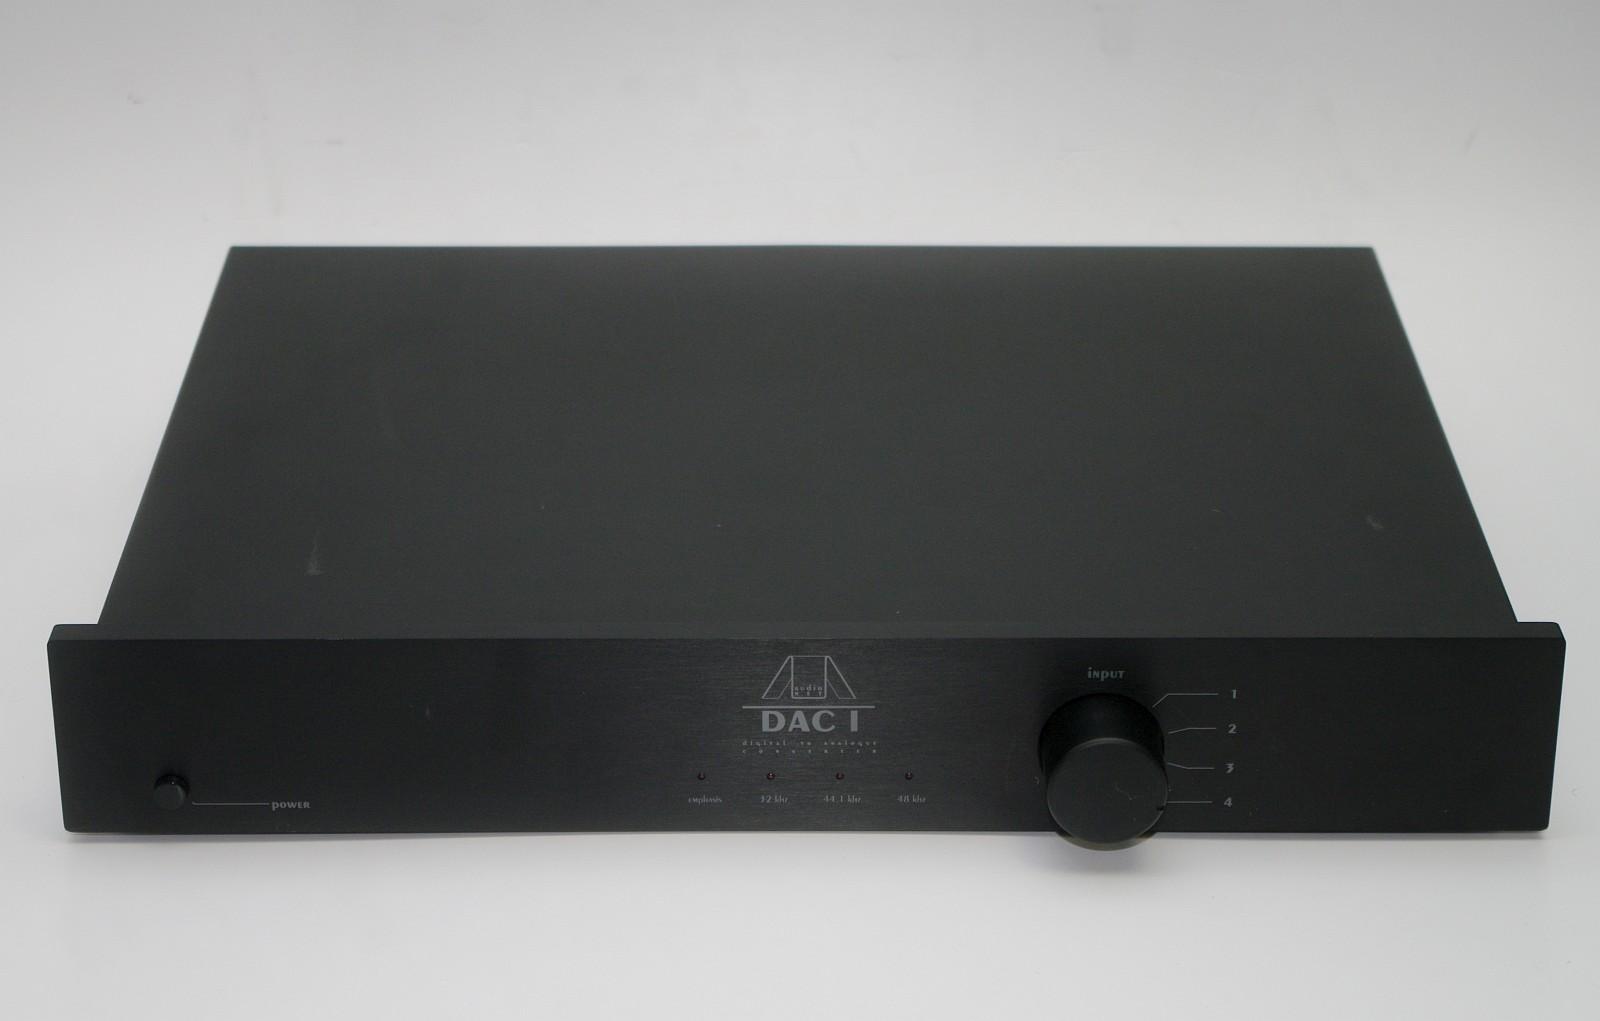 Audionet DAC 1